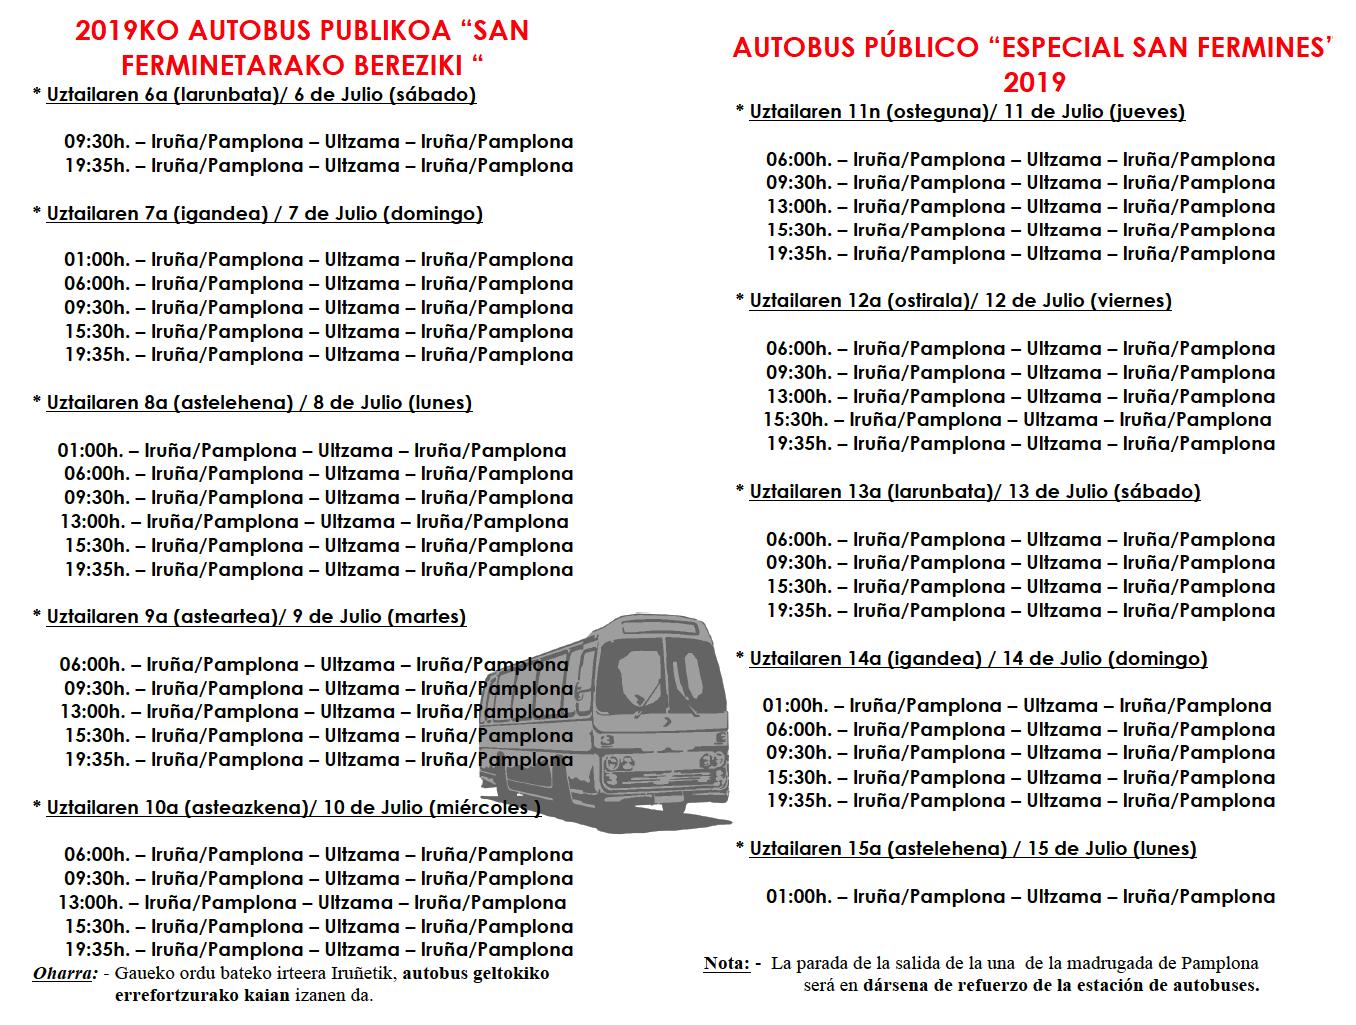 Autobuses para San Fermín 2019 ULTZAMA